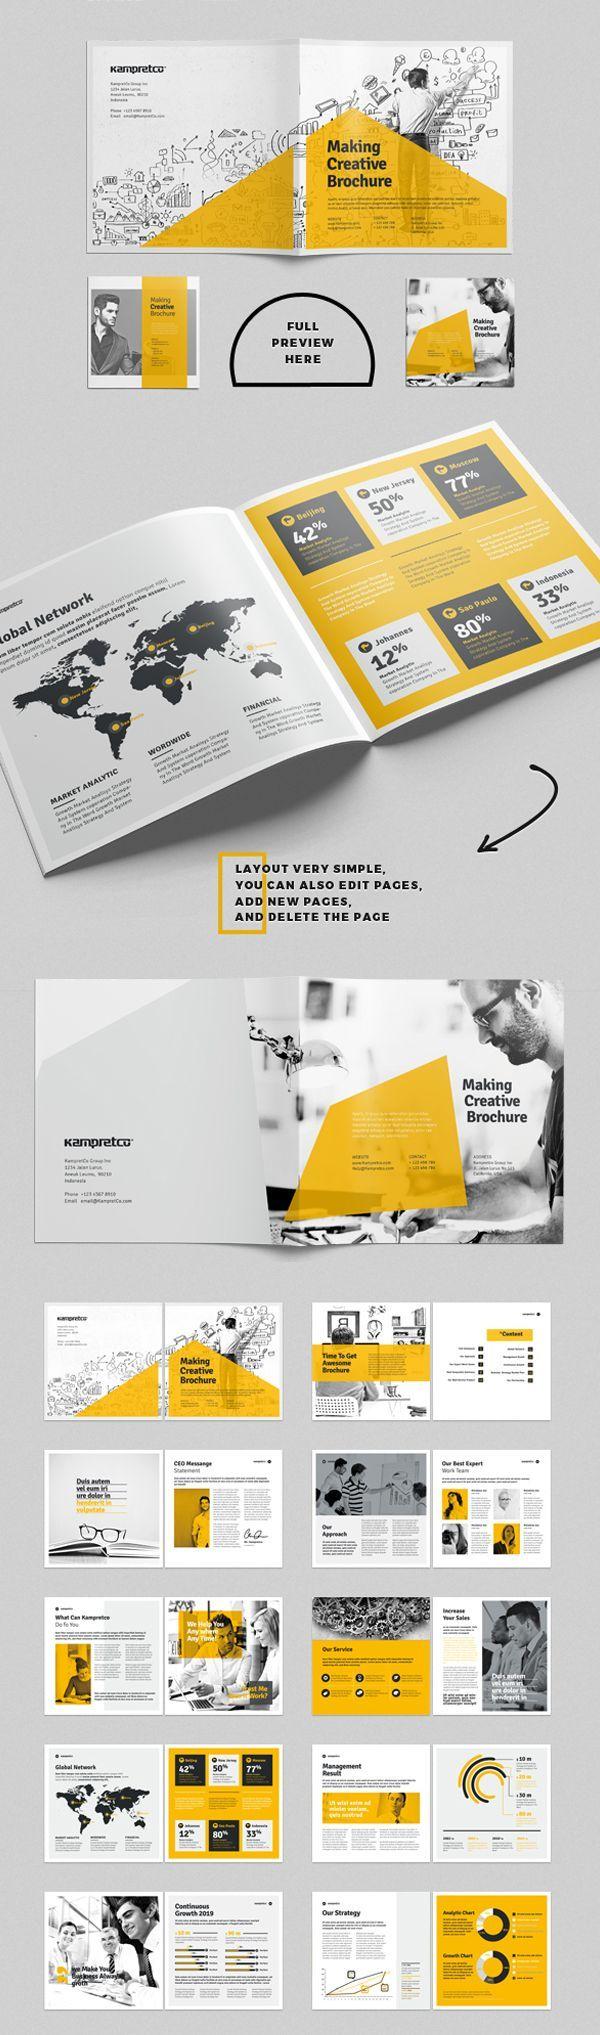 Best 25+ Corporate brochure design ideas on Pinterest | Corporate ...